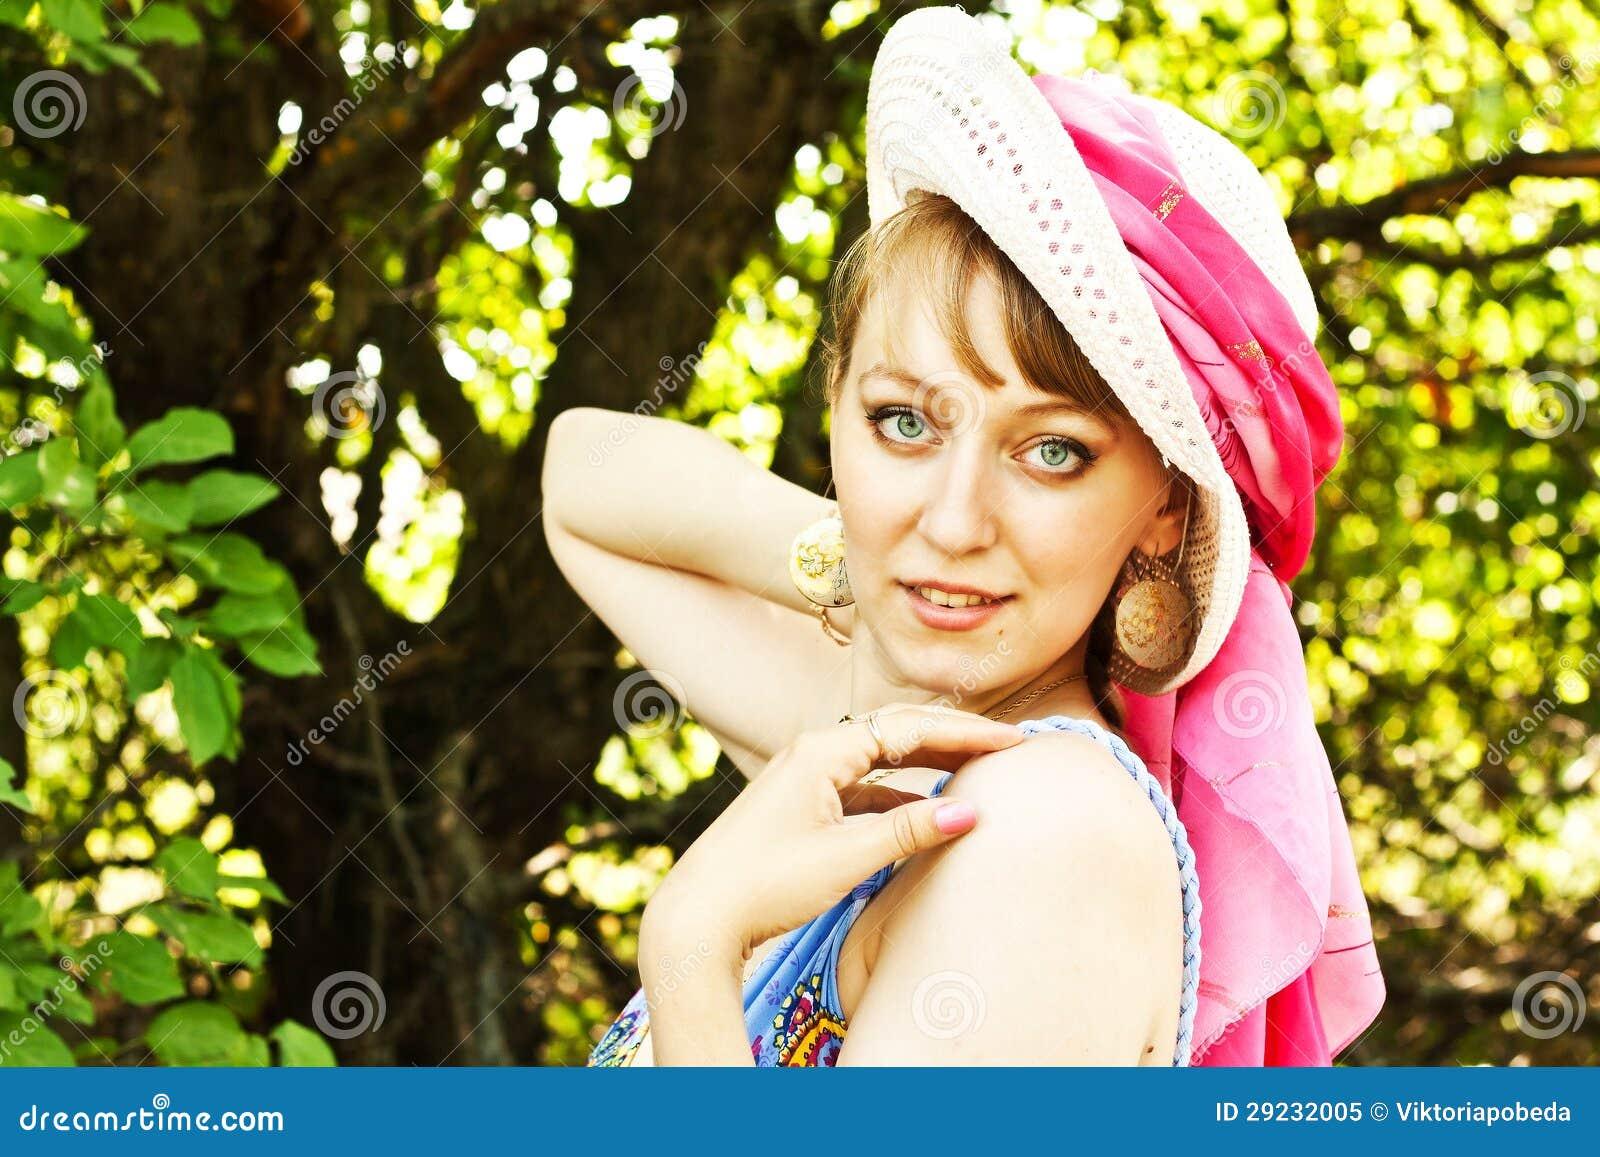 Download Menina bonita em um chapéu imagem de stock. Imagem de nana - 29232005